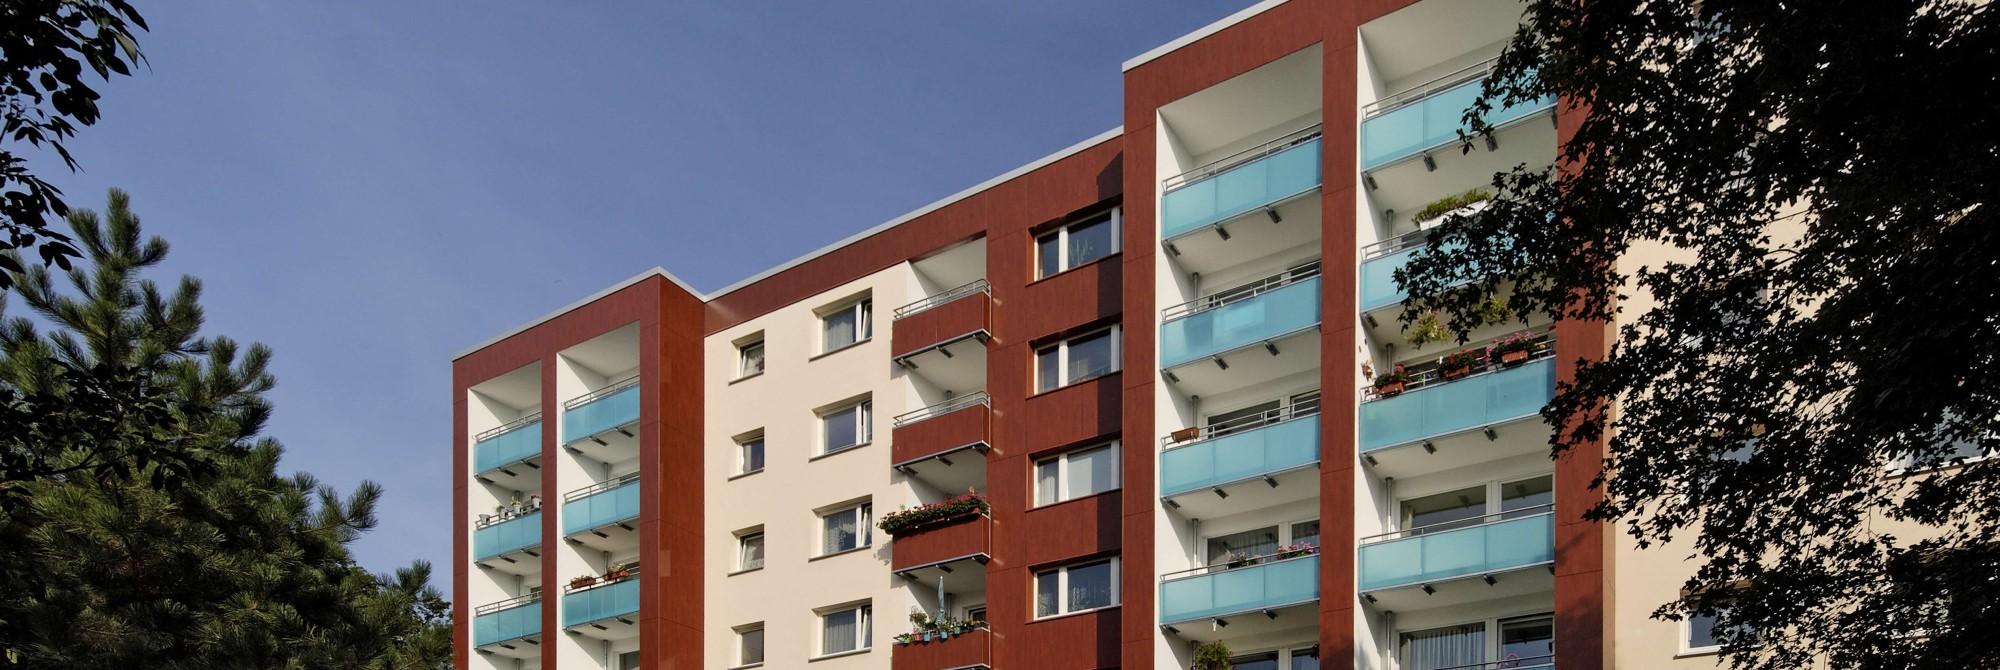 Full Size of Trennwand Balkon Und Fassadengestaltung Glastrennwand Dusche Garten Wohnzimmer Trennwand Balkon